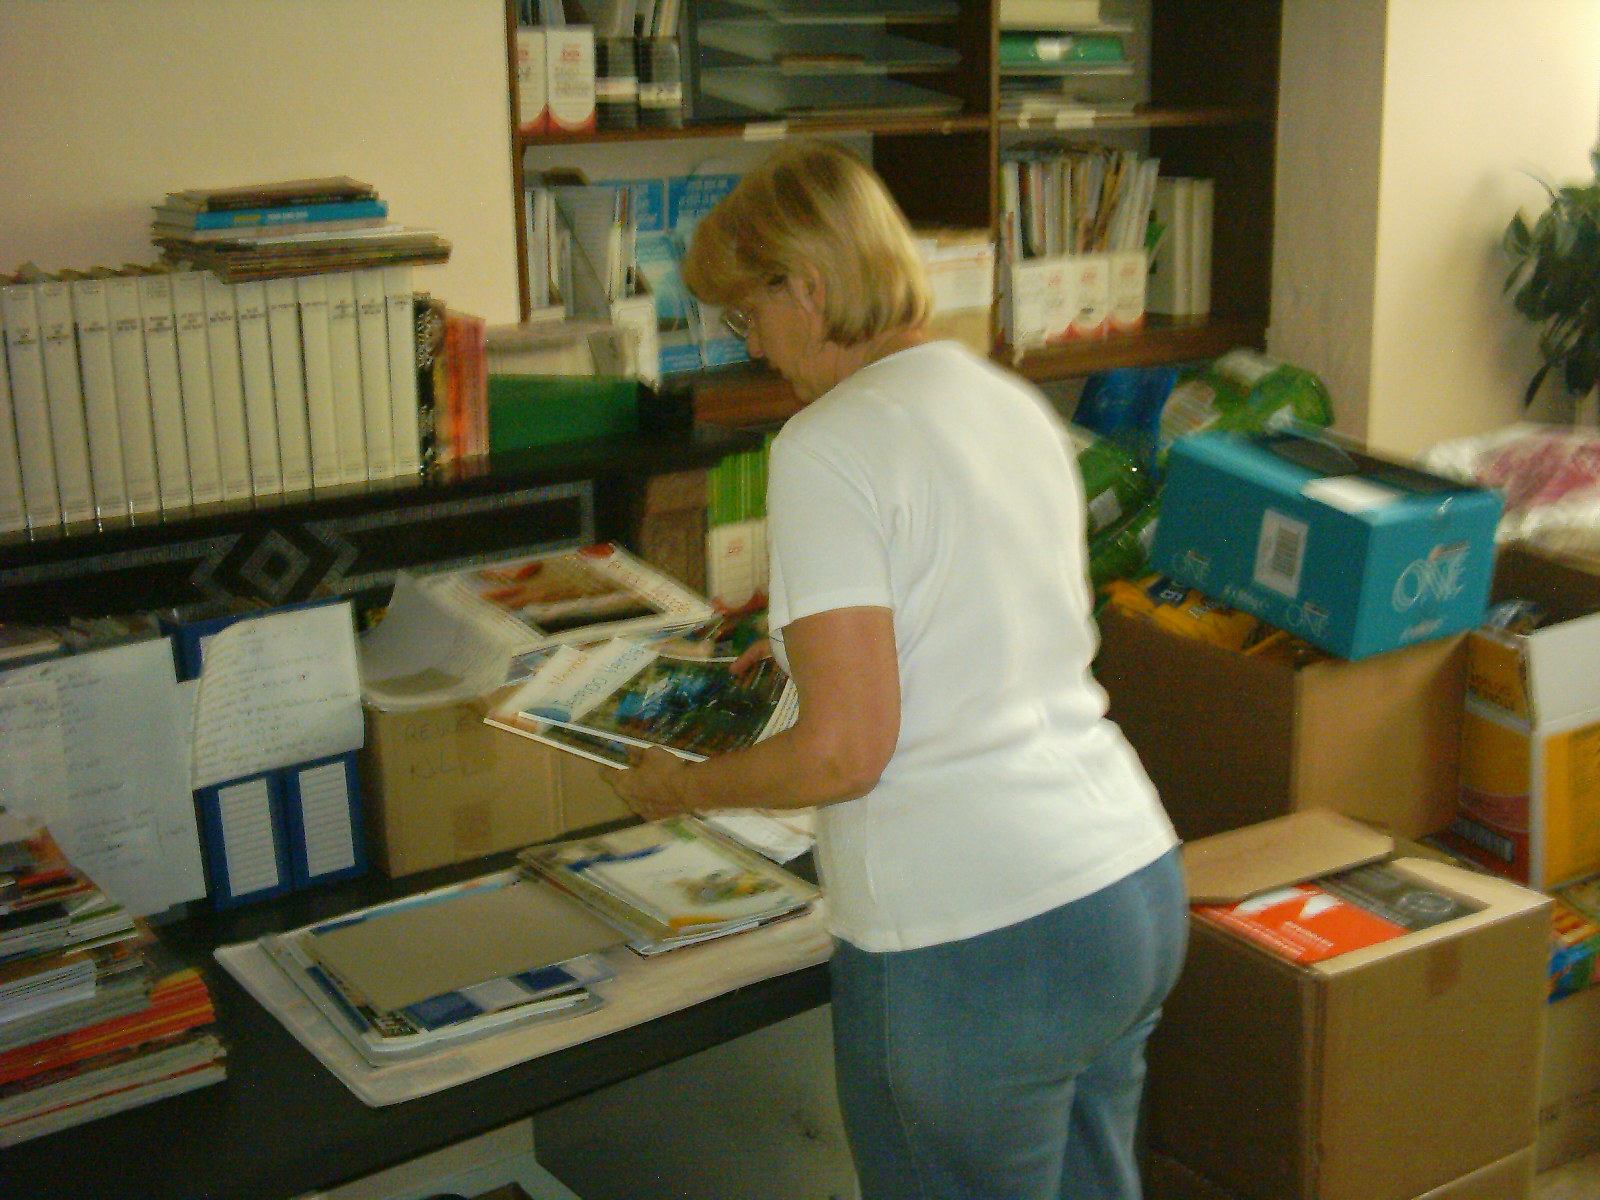 Ingrid, onze vrijwilligster aan het werk in het documentatiecentrum.